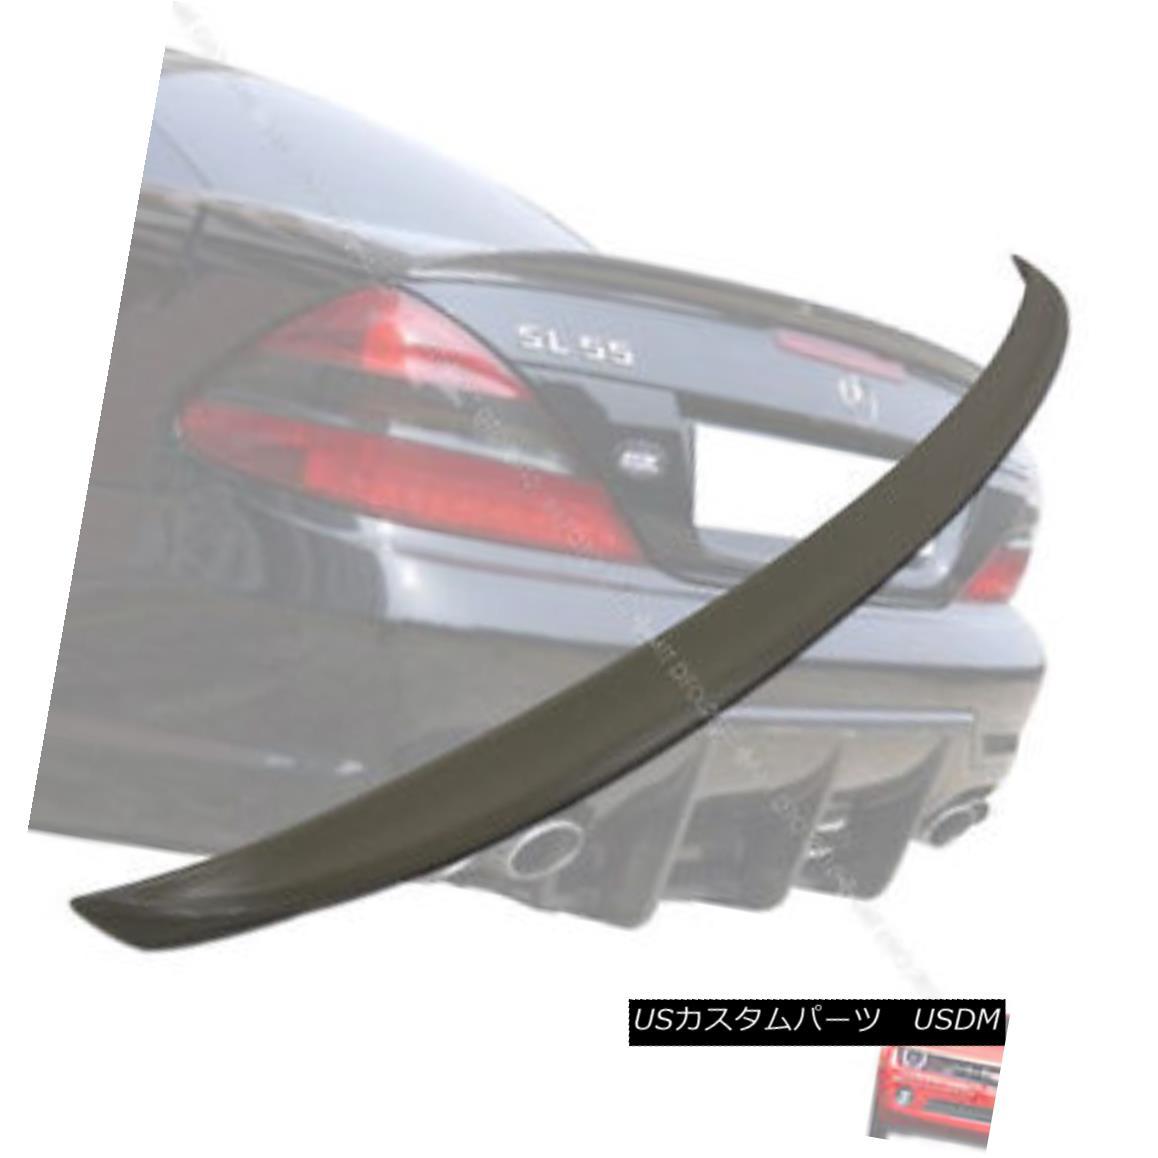 エアロパーツ Mercedes BENZ R230 A Type Boot Trunk Spoiler Rear Wing 03-11 メルセデスベンツR230型式ブーツトランクスポイラーリアウイング03-11